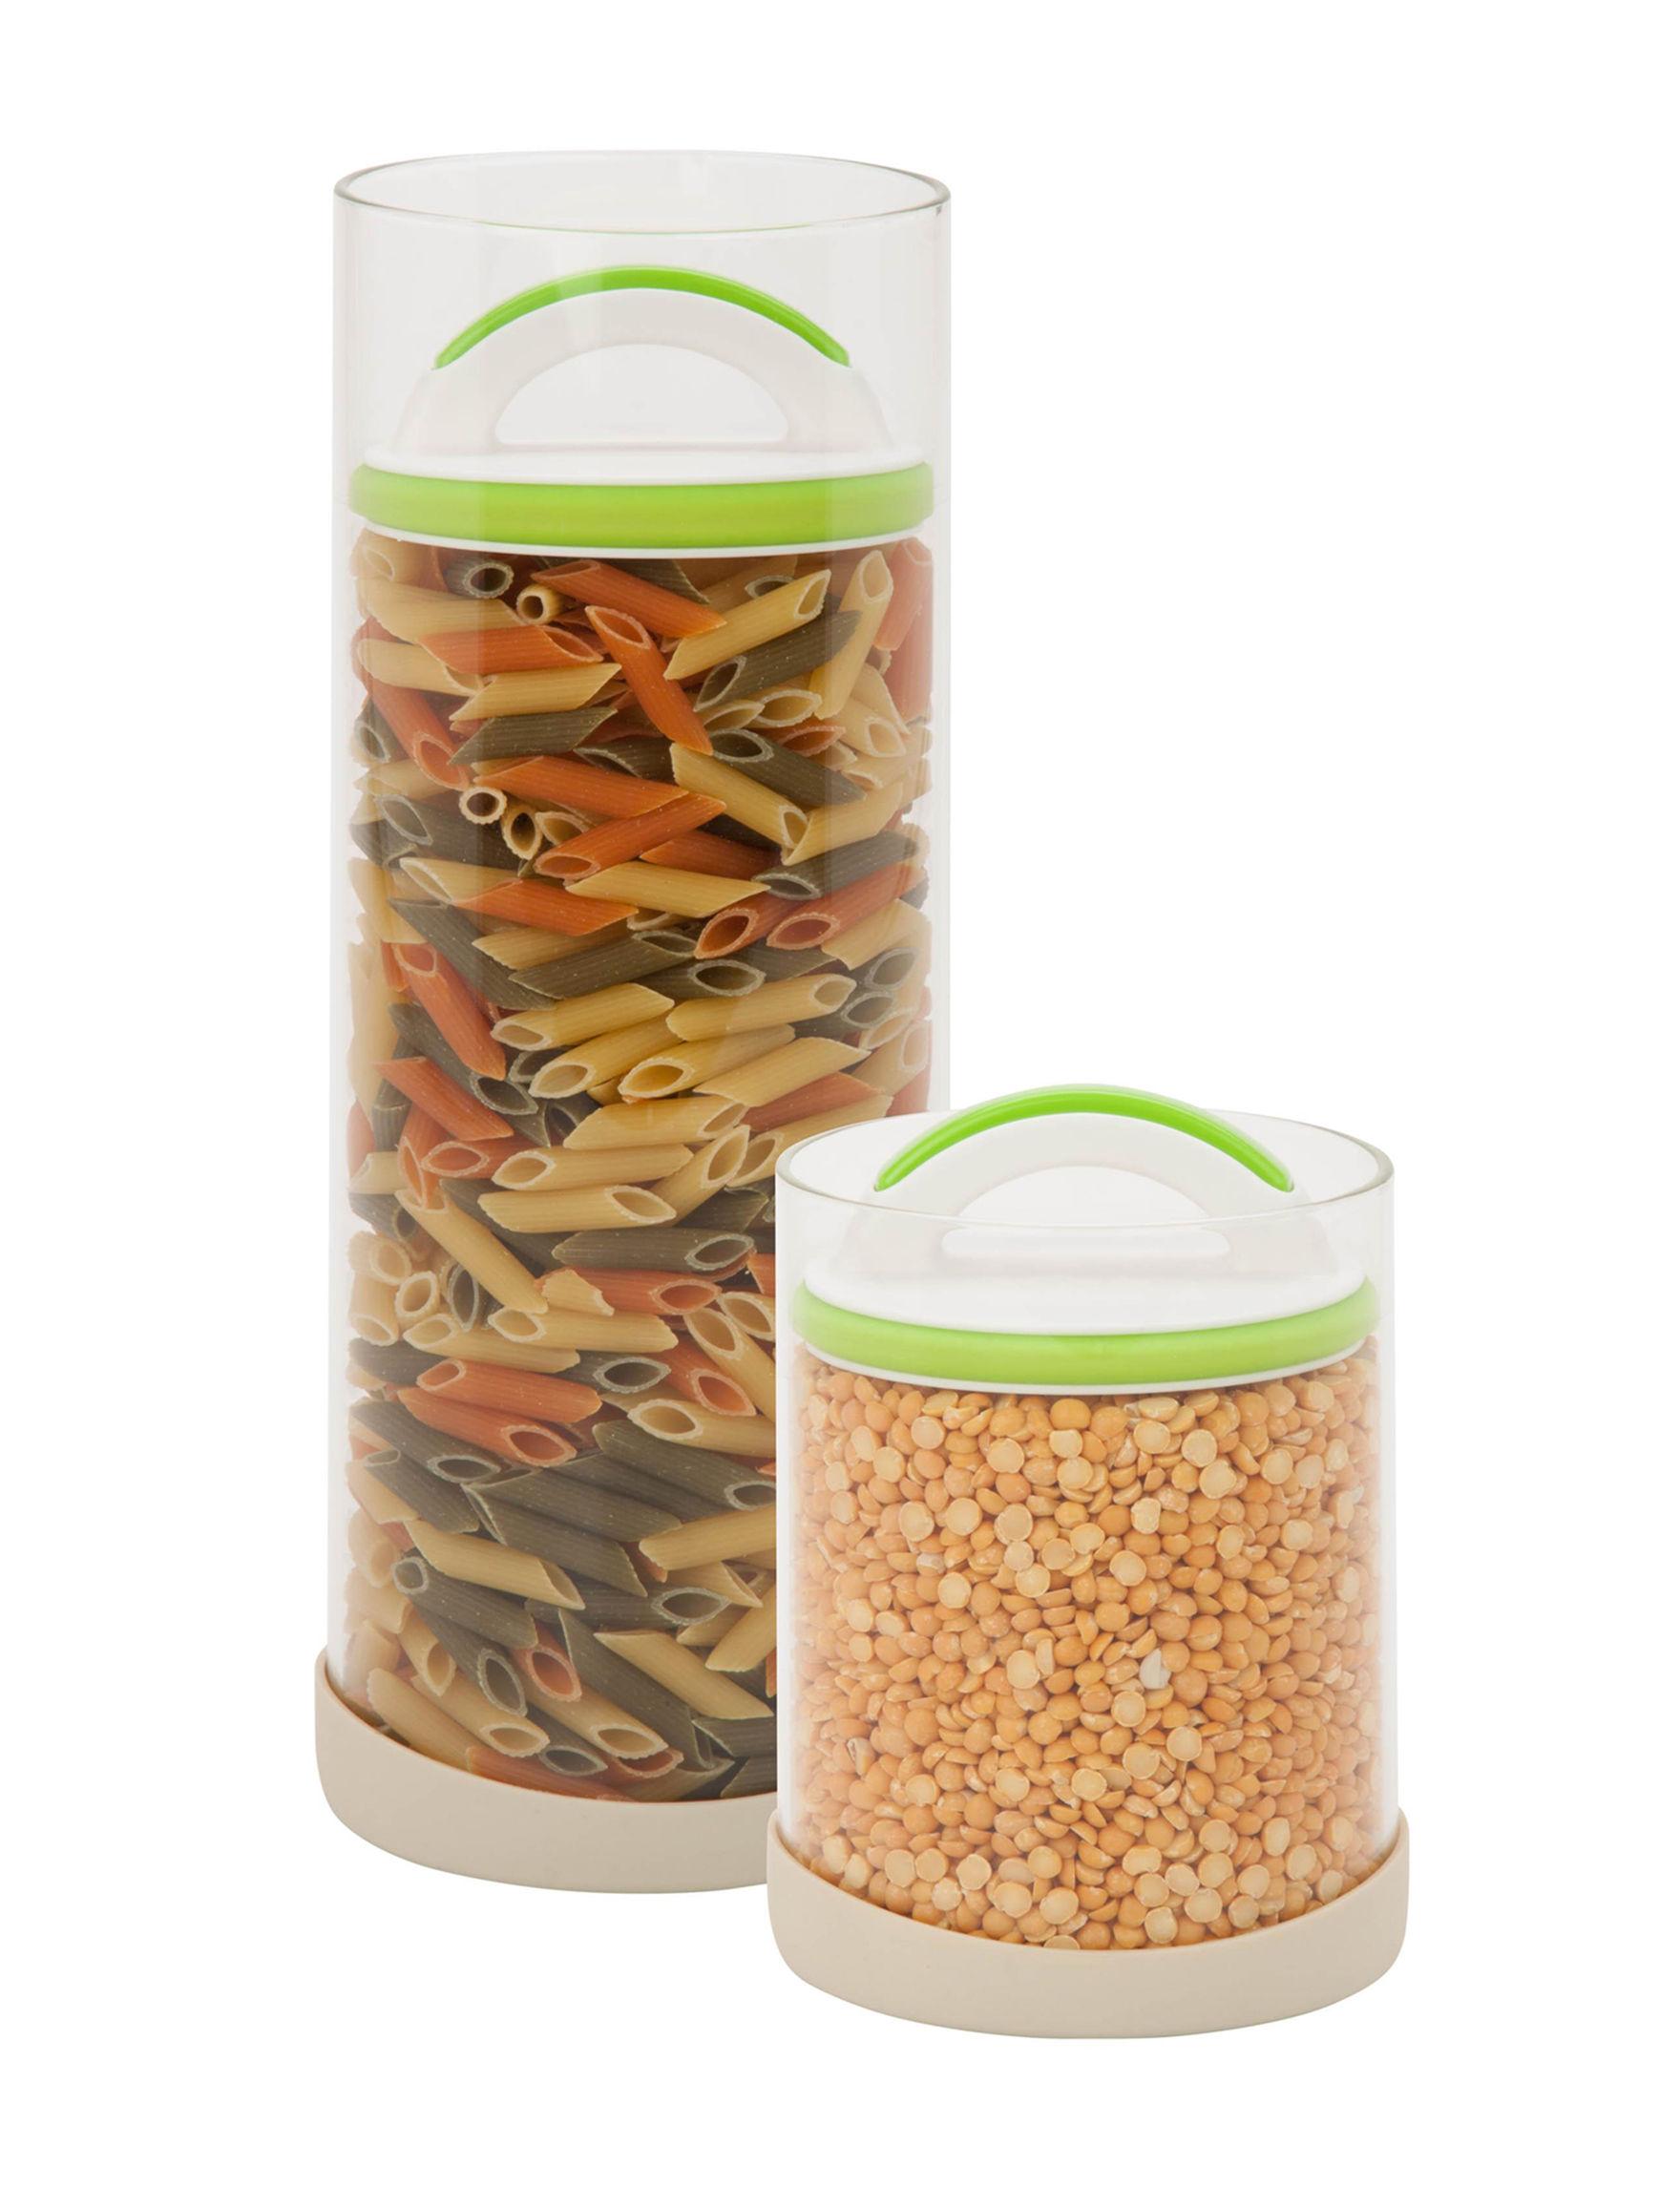 Honey-Can-Do International Green / White Food Storage Jars Kitchen Storage & Organization